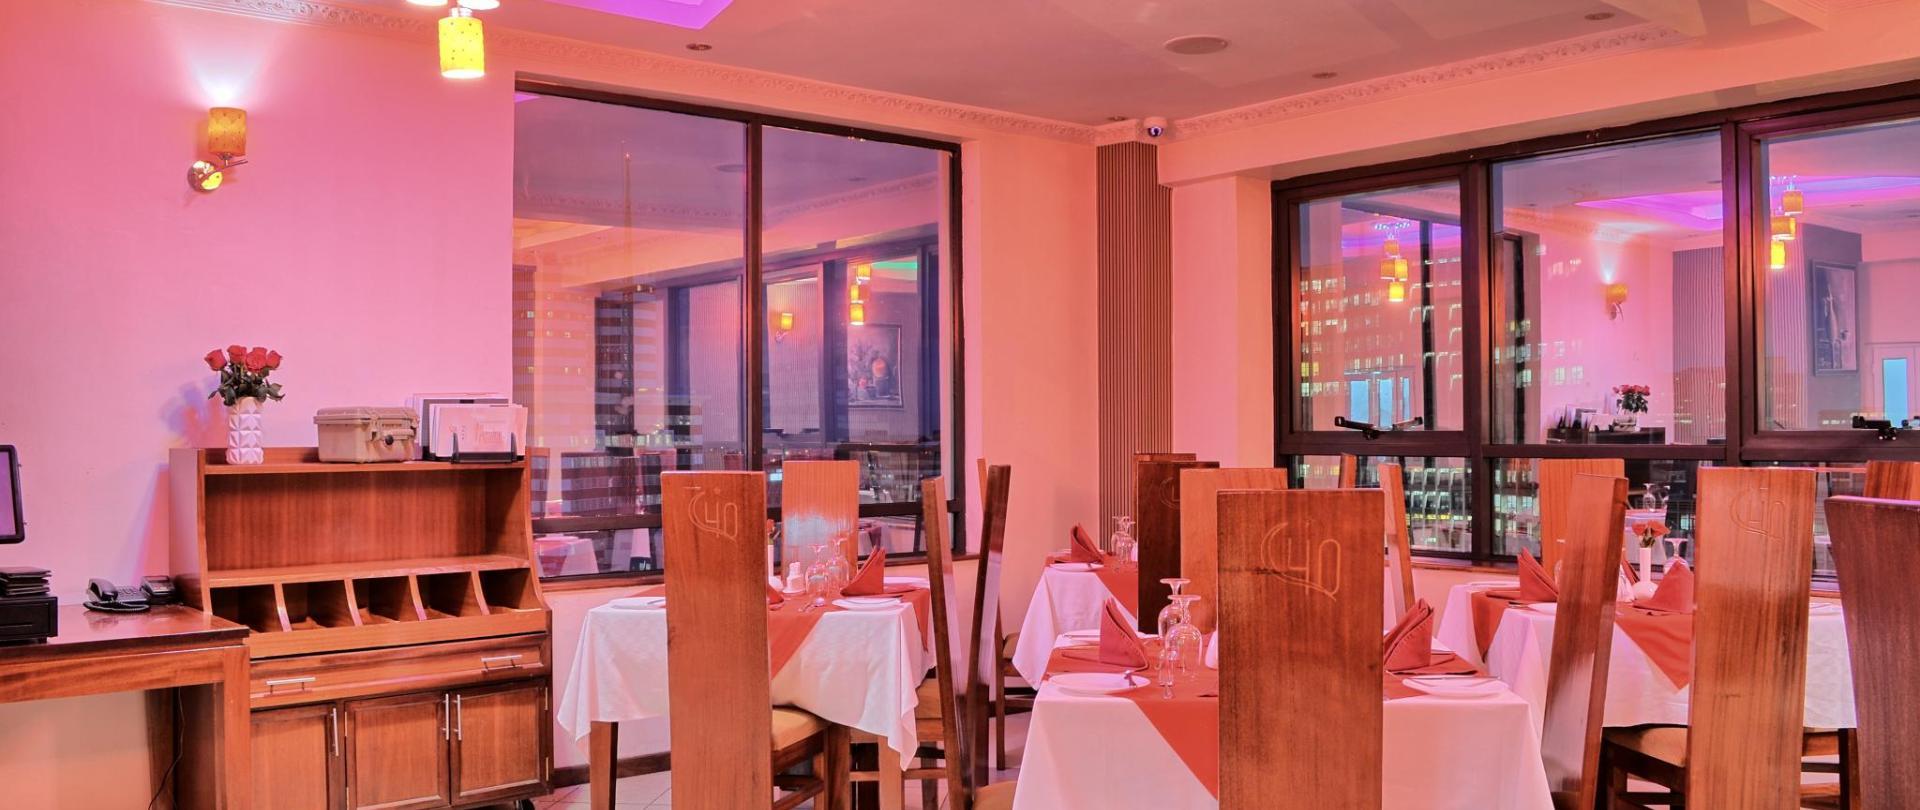 Le restaurant Willow.jpg